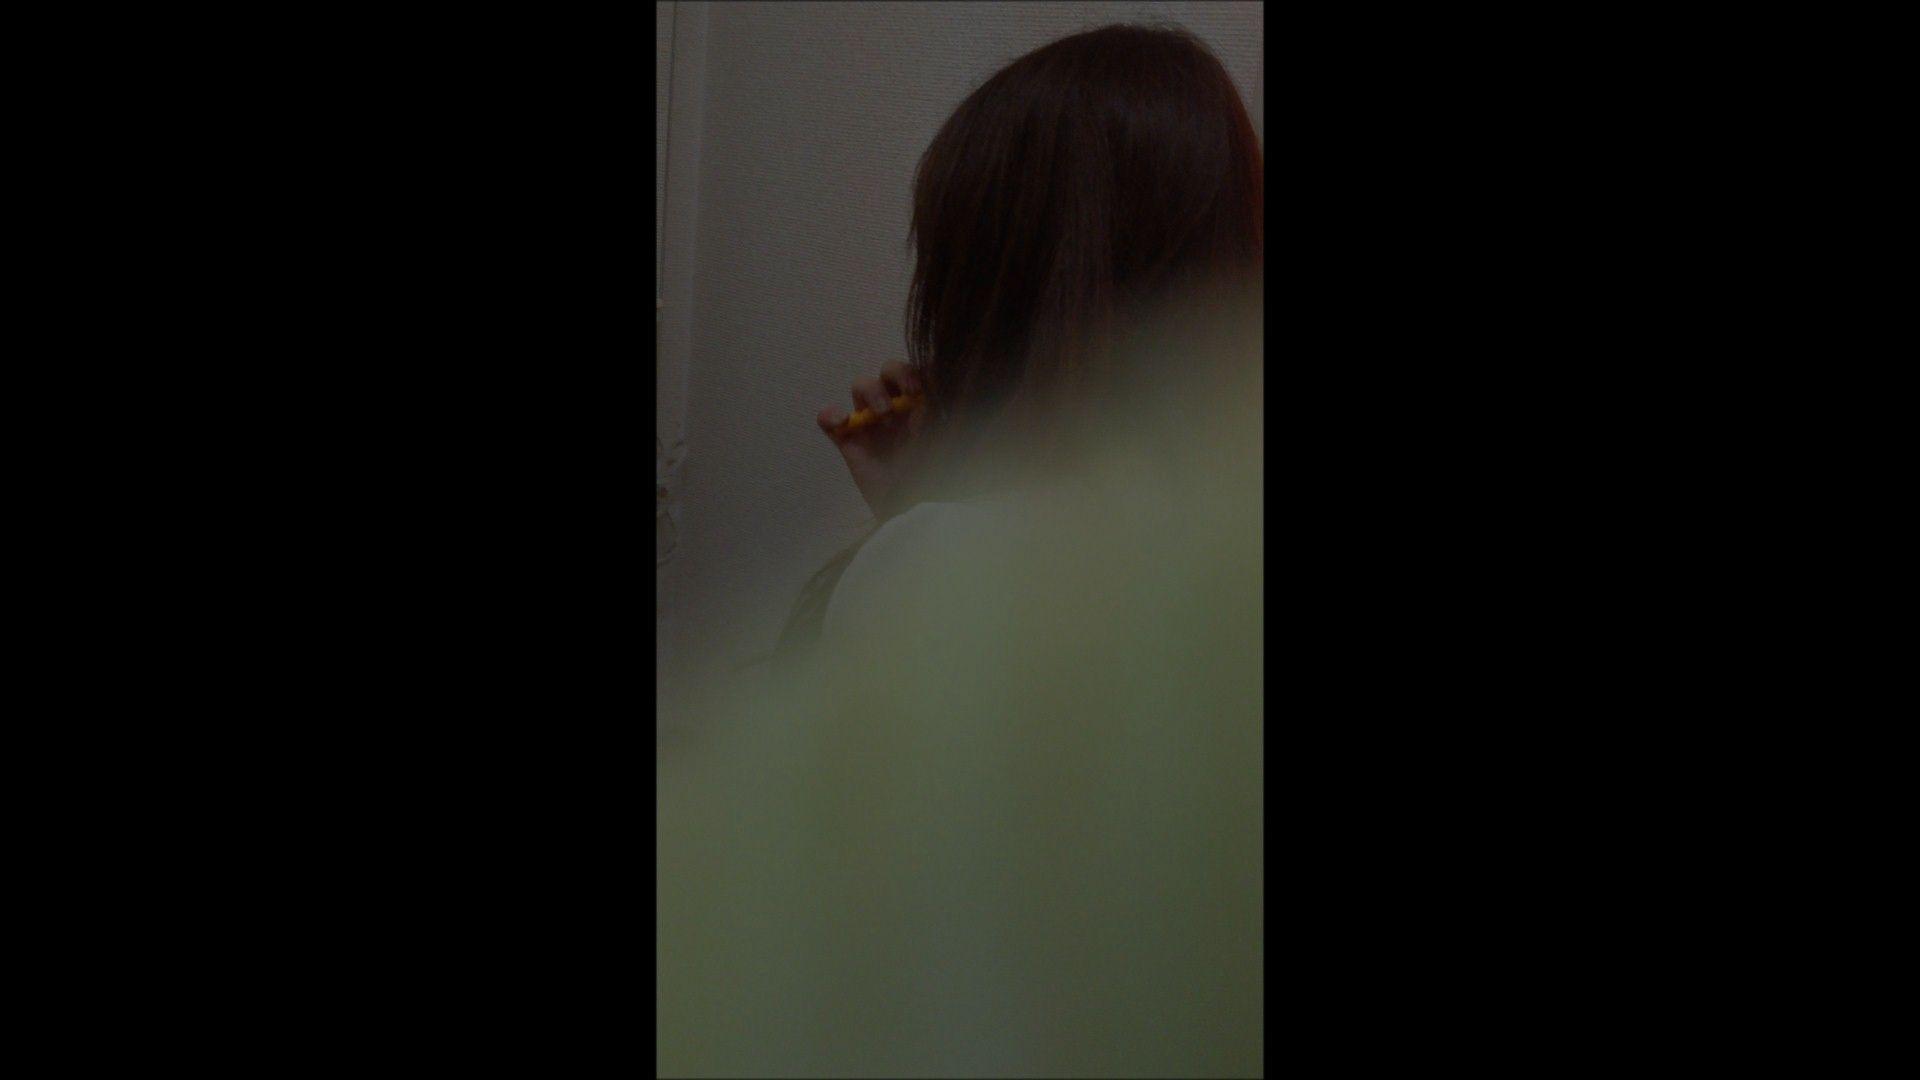 08(8日目)メイク中の彼女の顔を撮りました! マンコ特集 | オマンコ丸見え  59連発 11